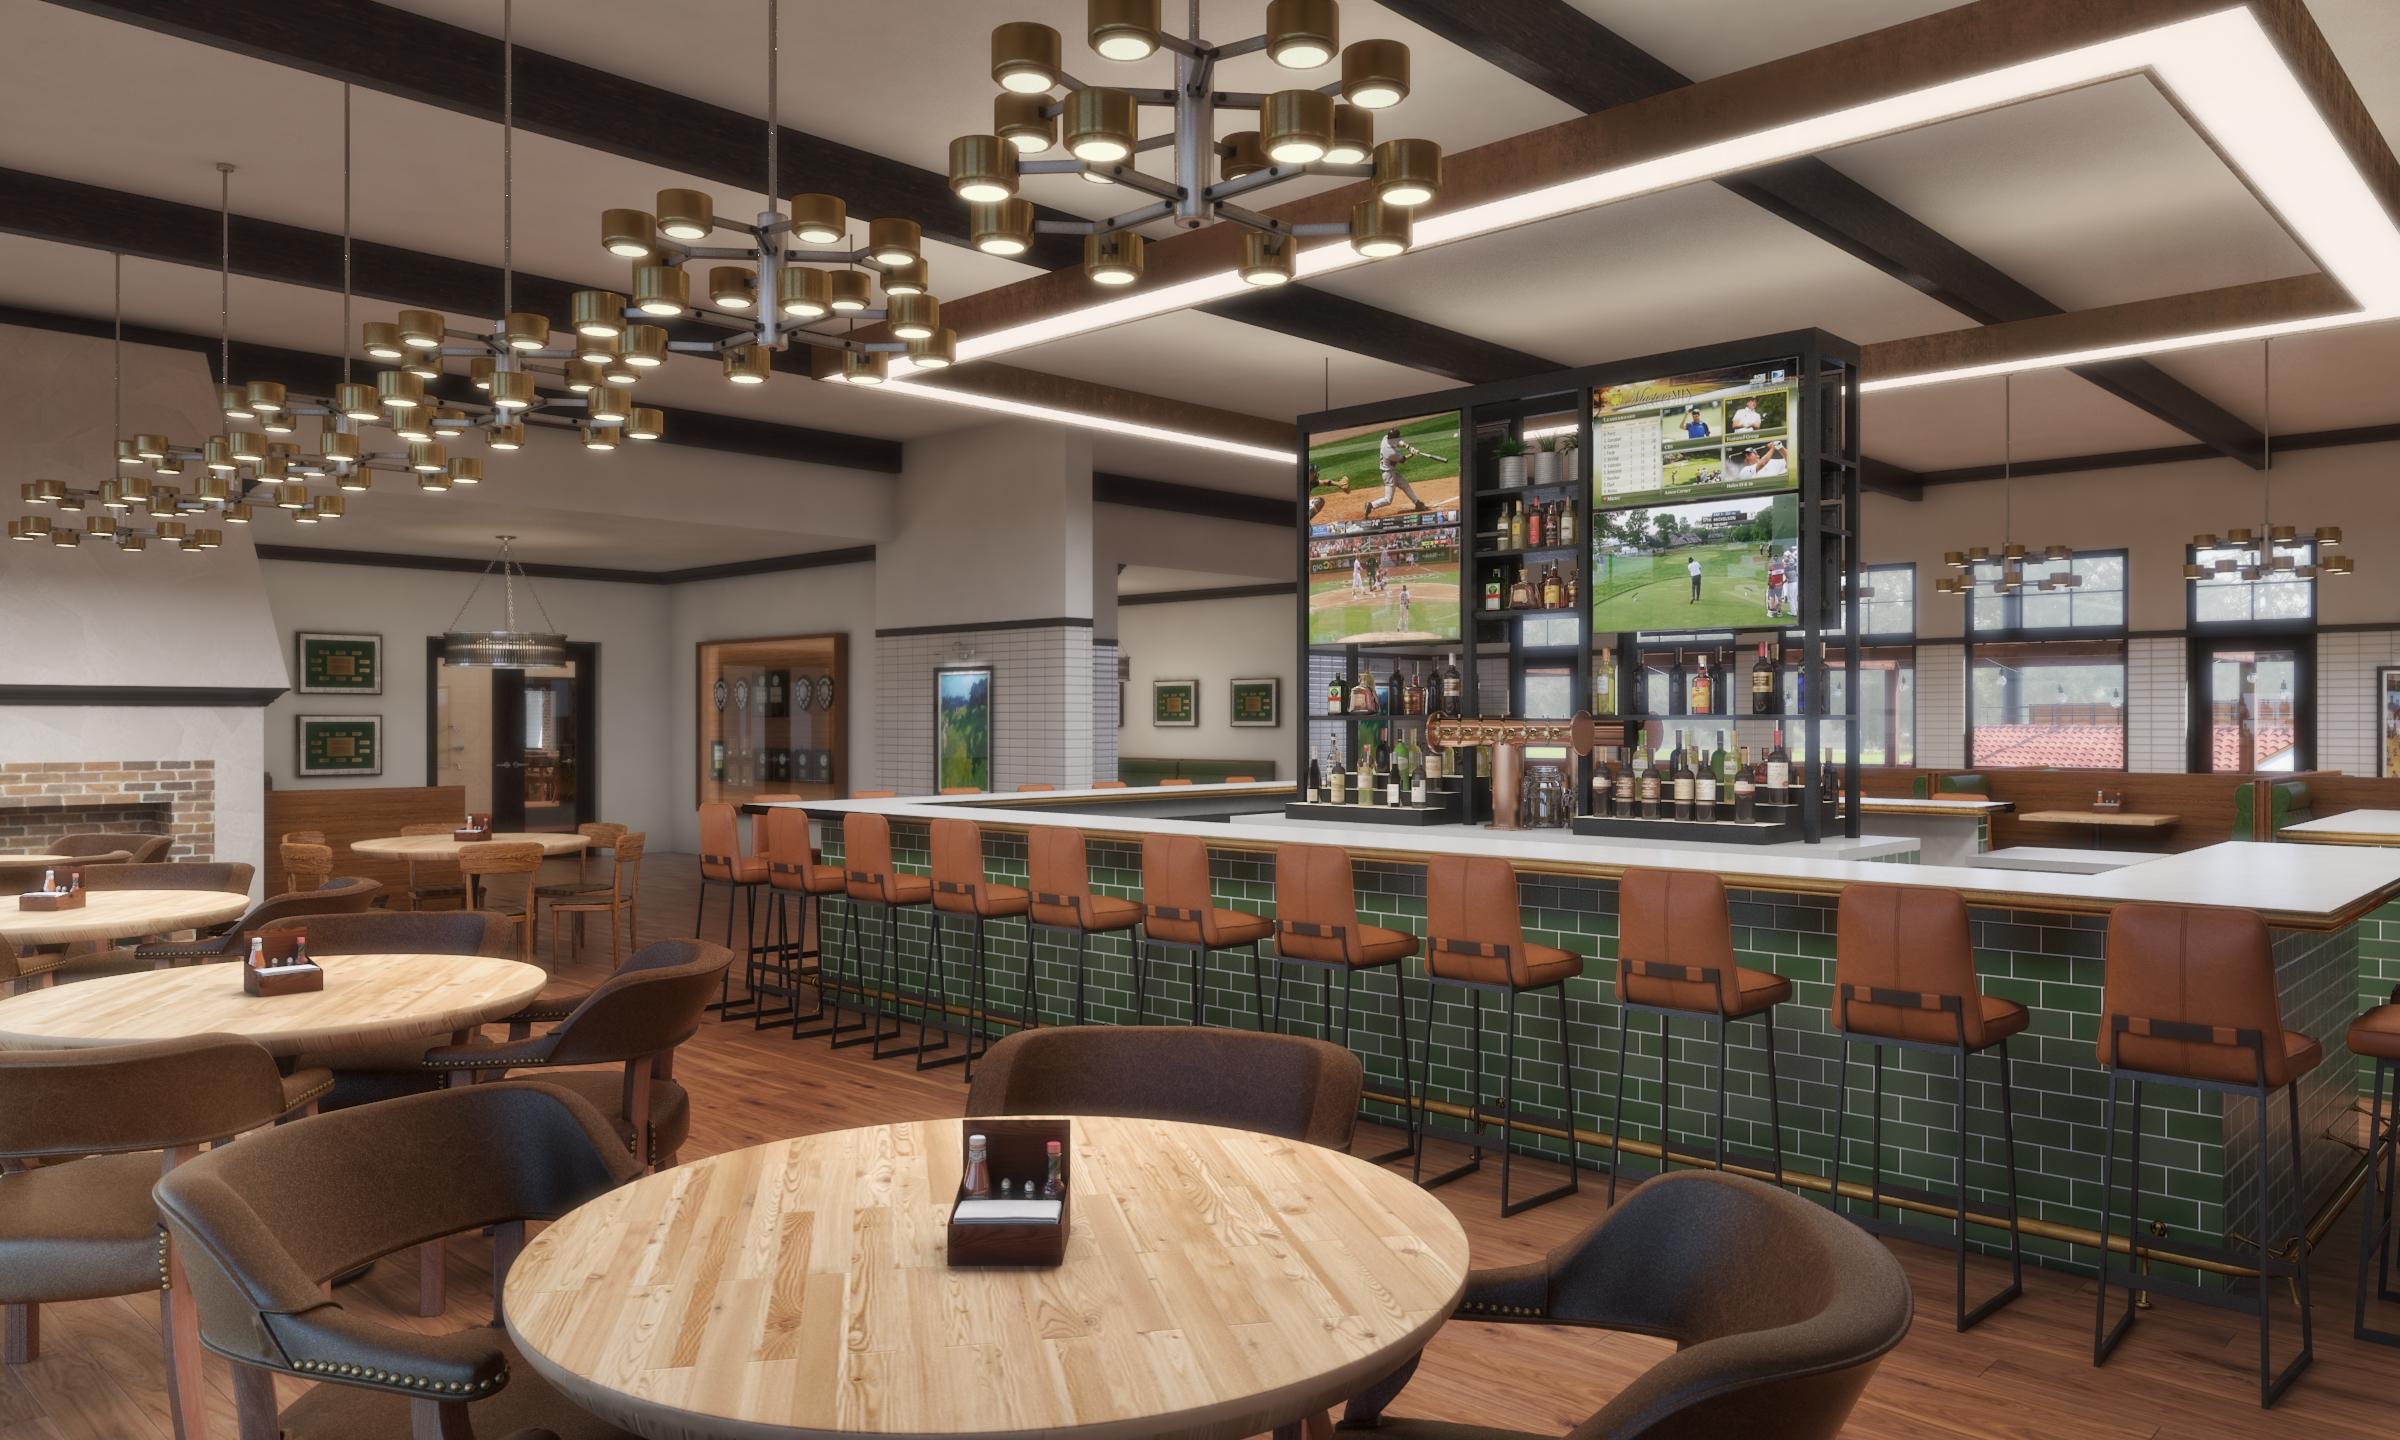 The Tavern at Rancho Park